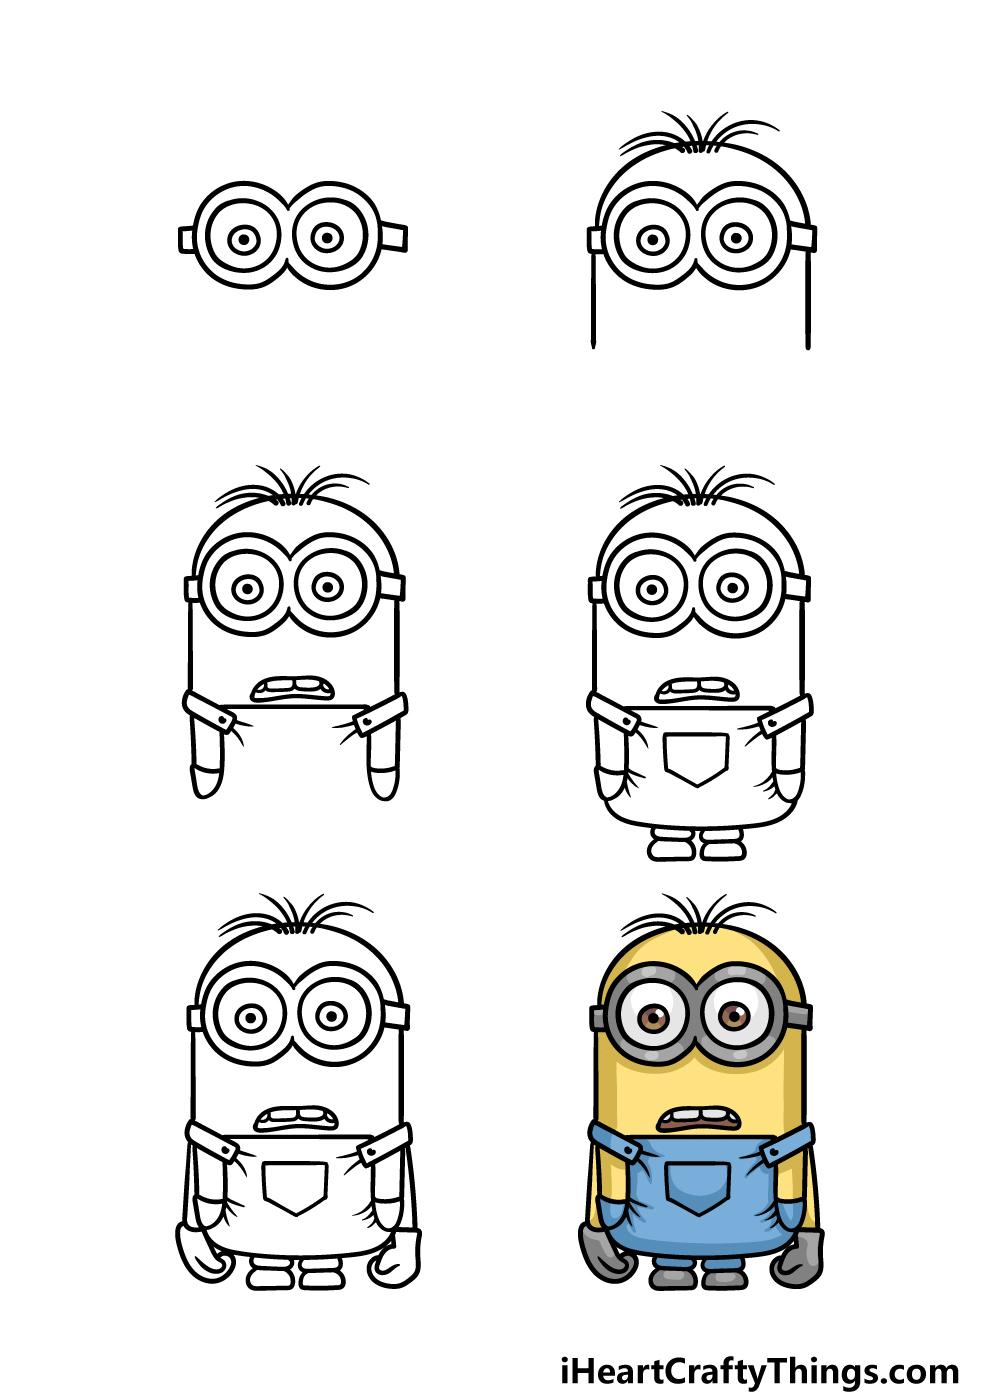 cách vẽ minion trong 6 bước